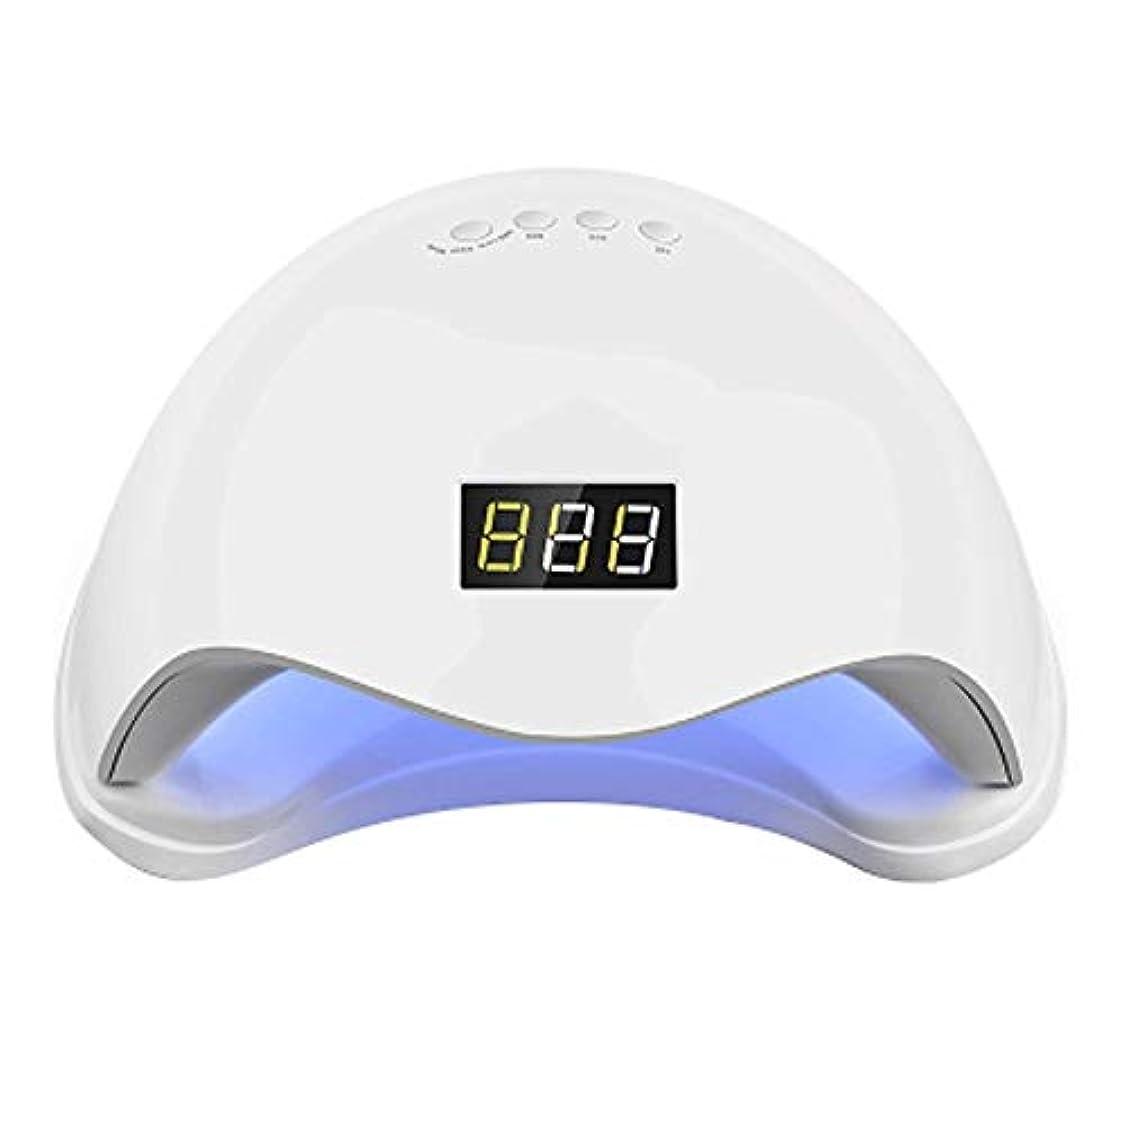 付き添い人実験拷問ZXCVB 48W UV/LEDネイルドライヤーUVネイル硬化ランプ、10C / 30C / 60C、プロフェッショナルネイルアートでは、家庭やサロンのためにしてネイルランプ硬化36-LEDジェルネイルポリッシュ - 速乾性...